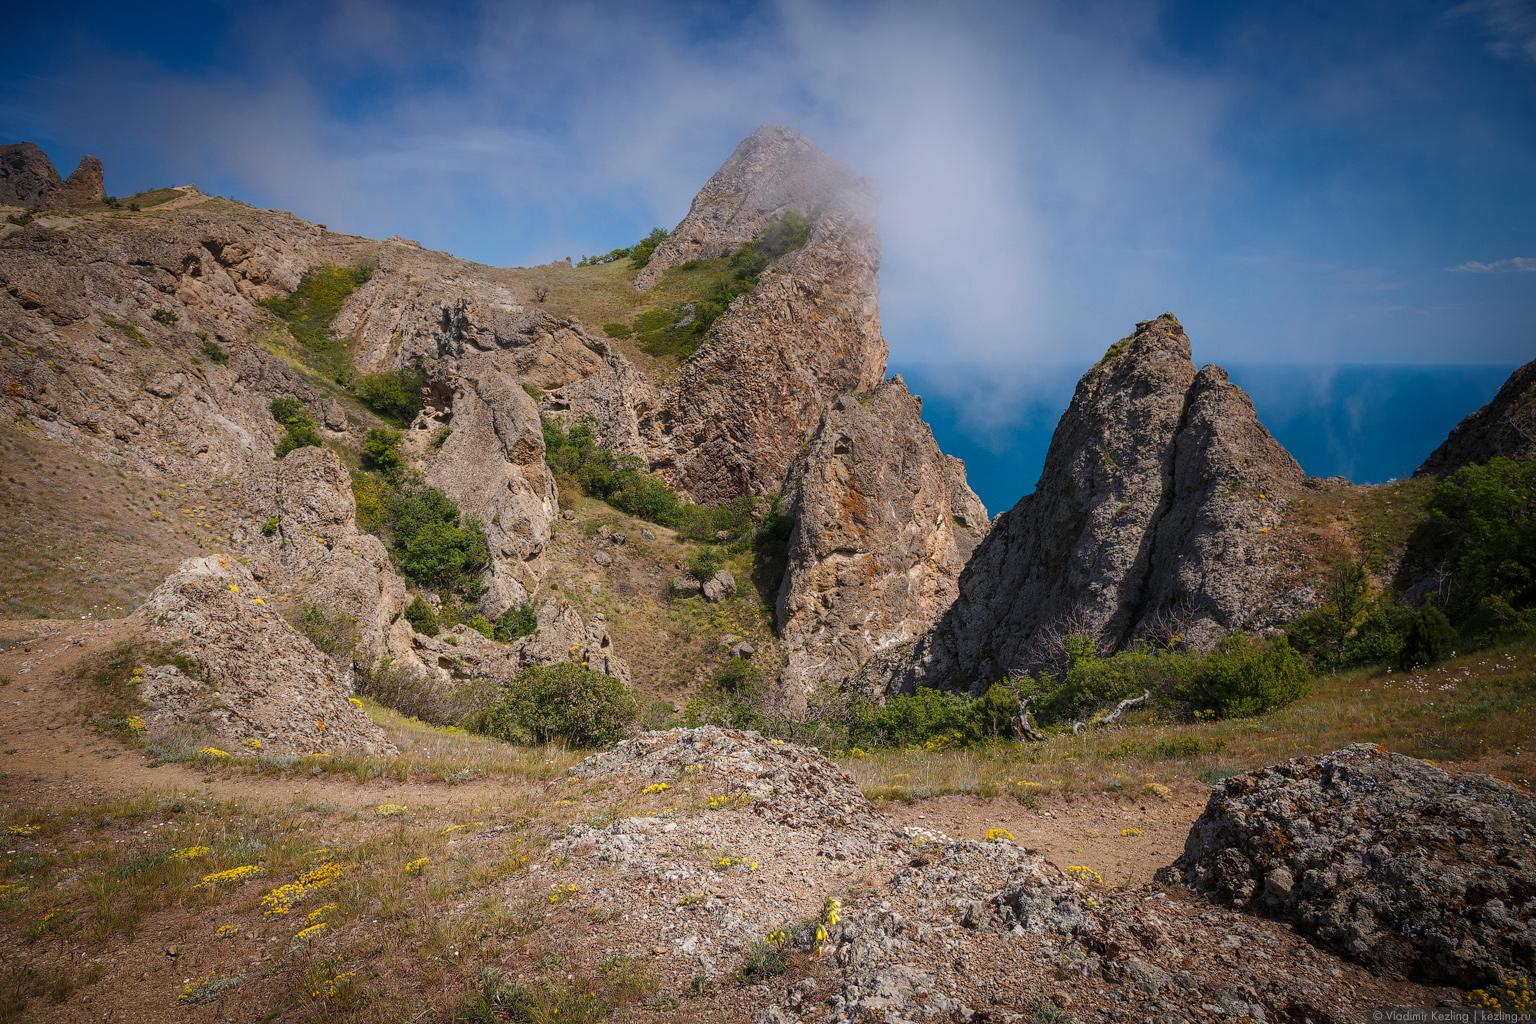 Крым переходного периода. Кара-Даг — самое красивое место Крыма